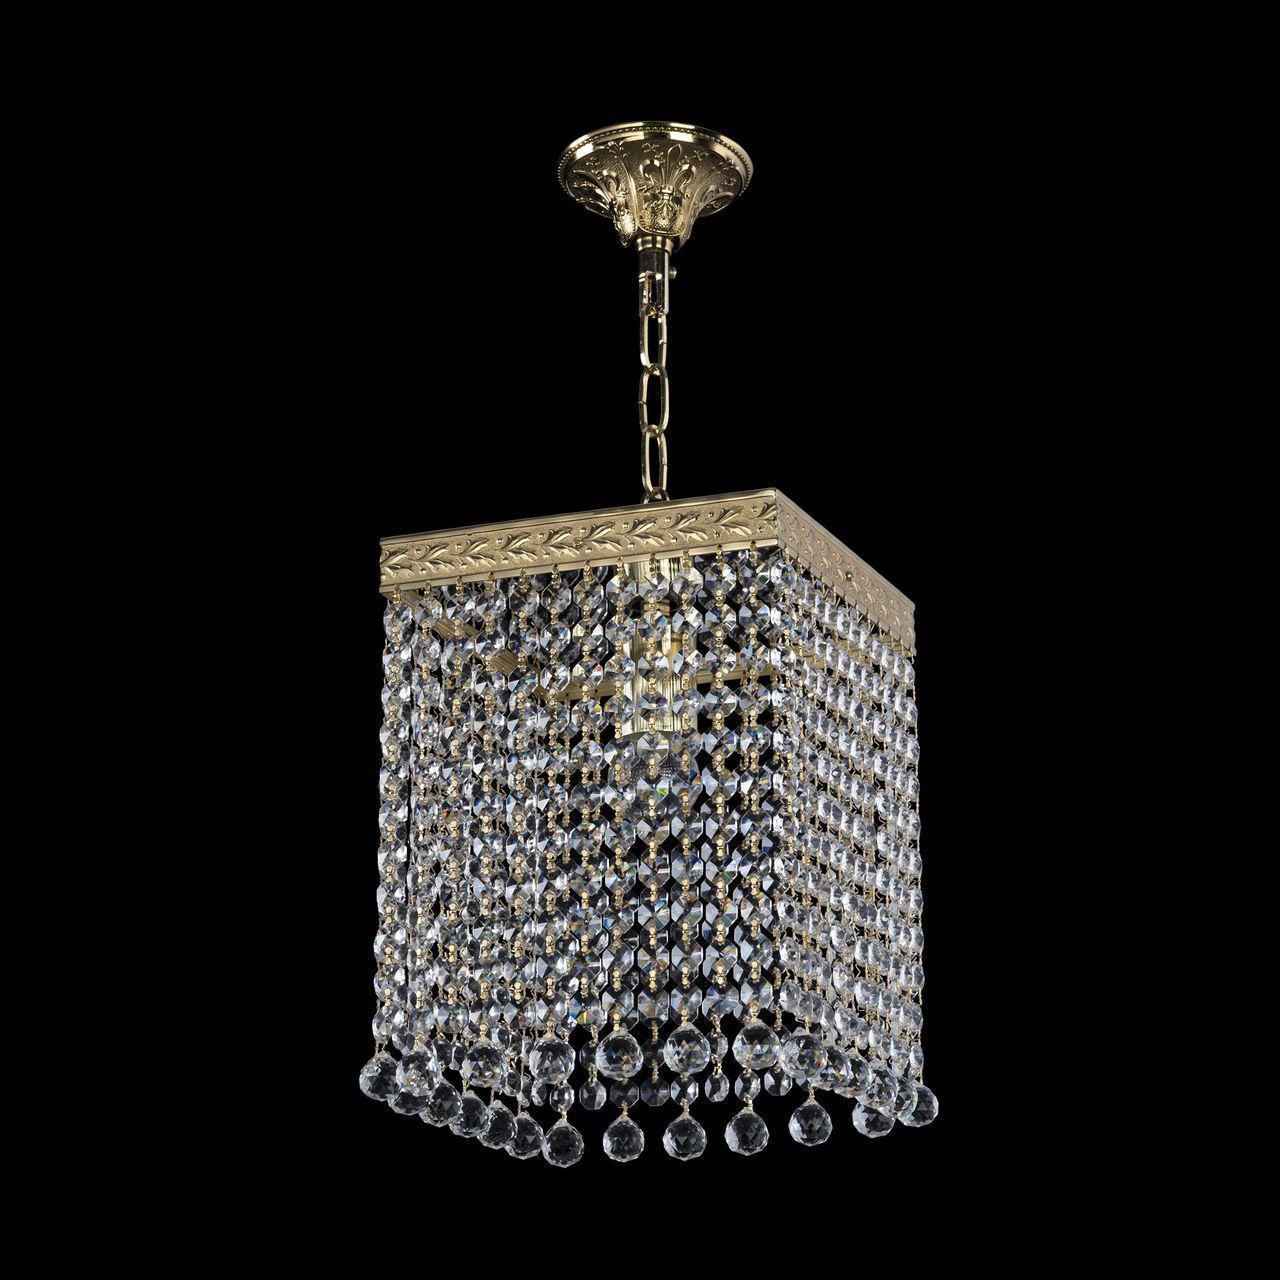 Подвесной светильник Bohemia Ivele 19202/20IV G Balls